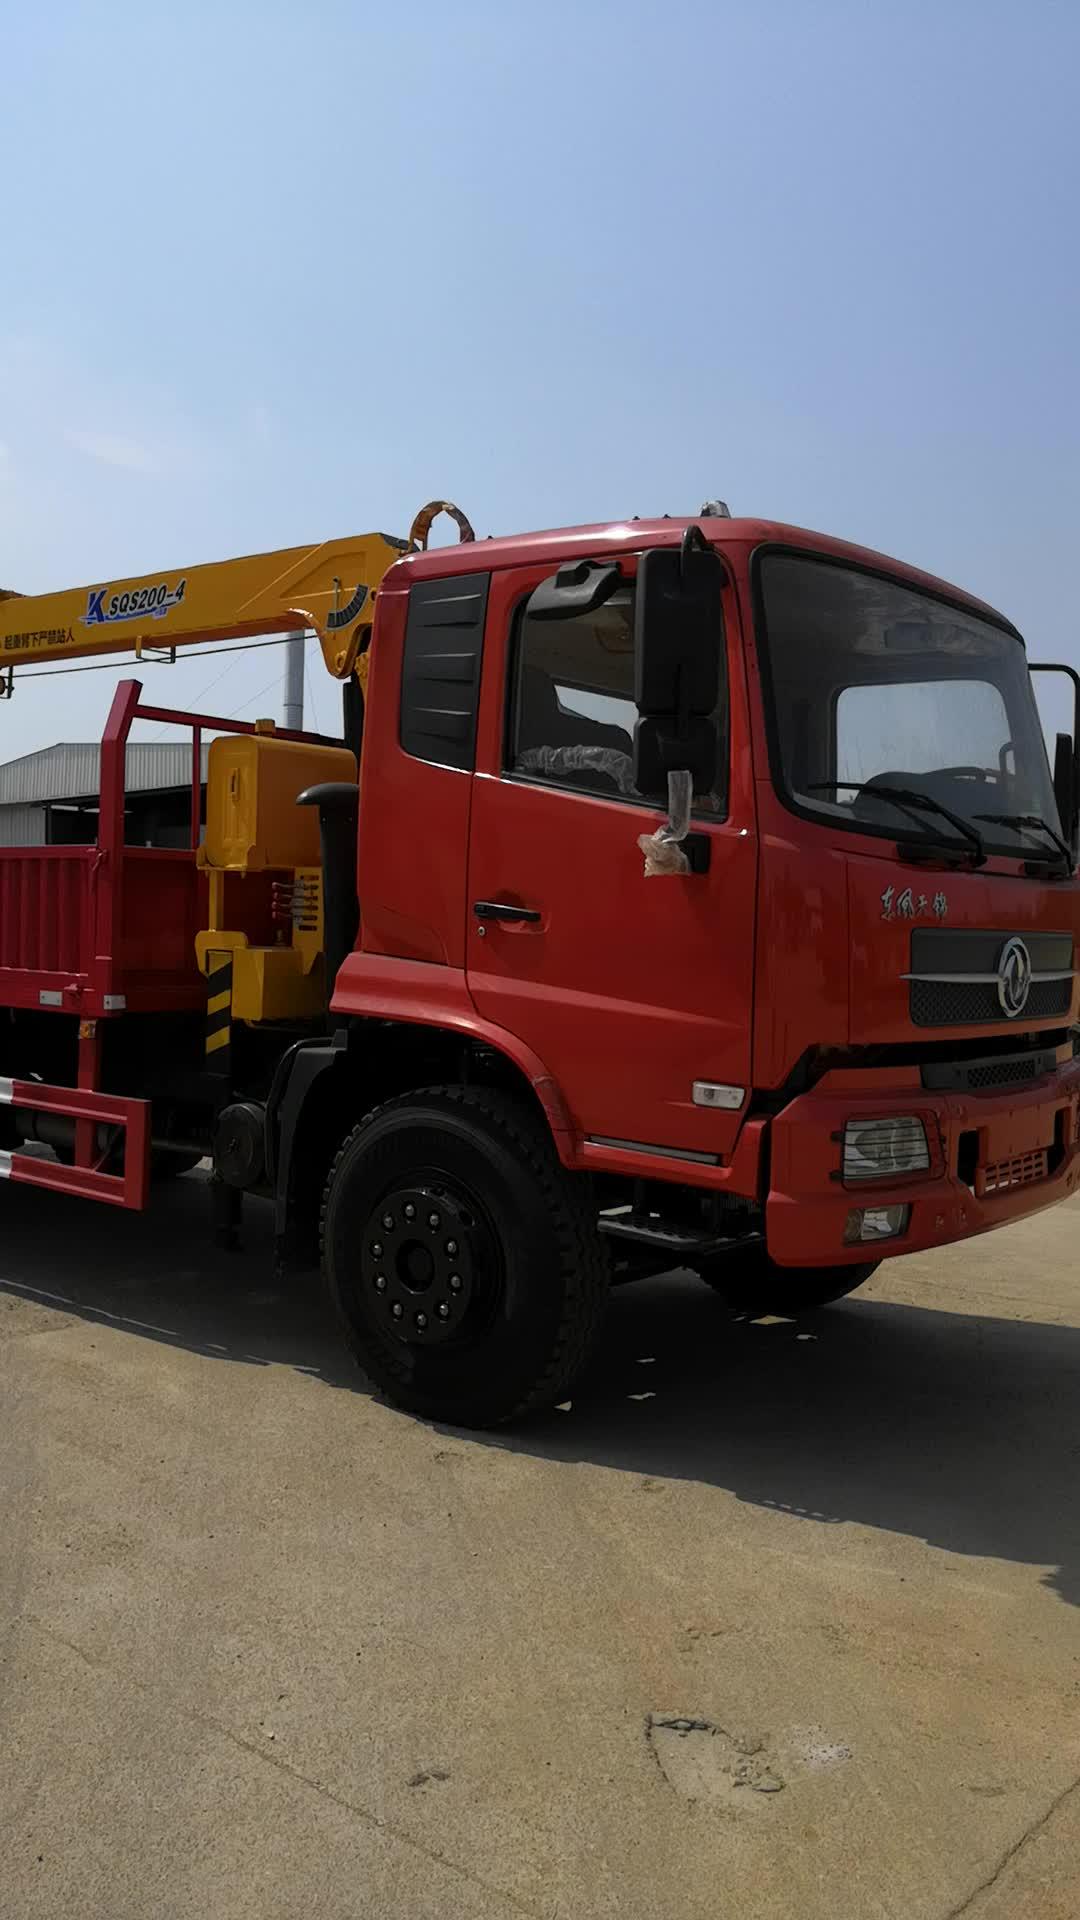 Dongfeng 4x2 5 ton kamyona monte vinç, vinçli kamyon, vinçli kamyon fabrika doğrudan tedarik iyi kalite ile